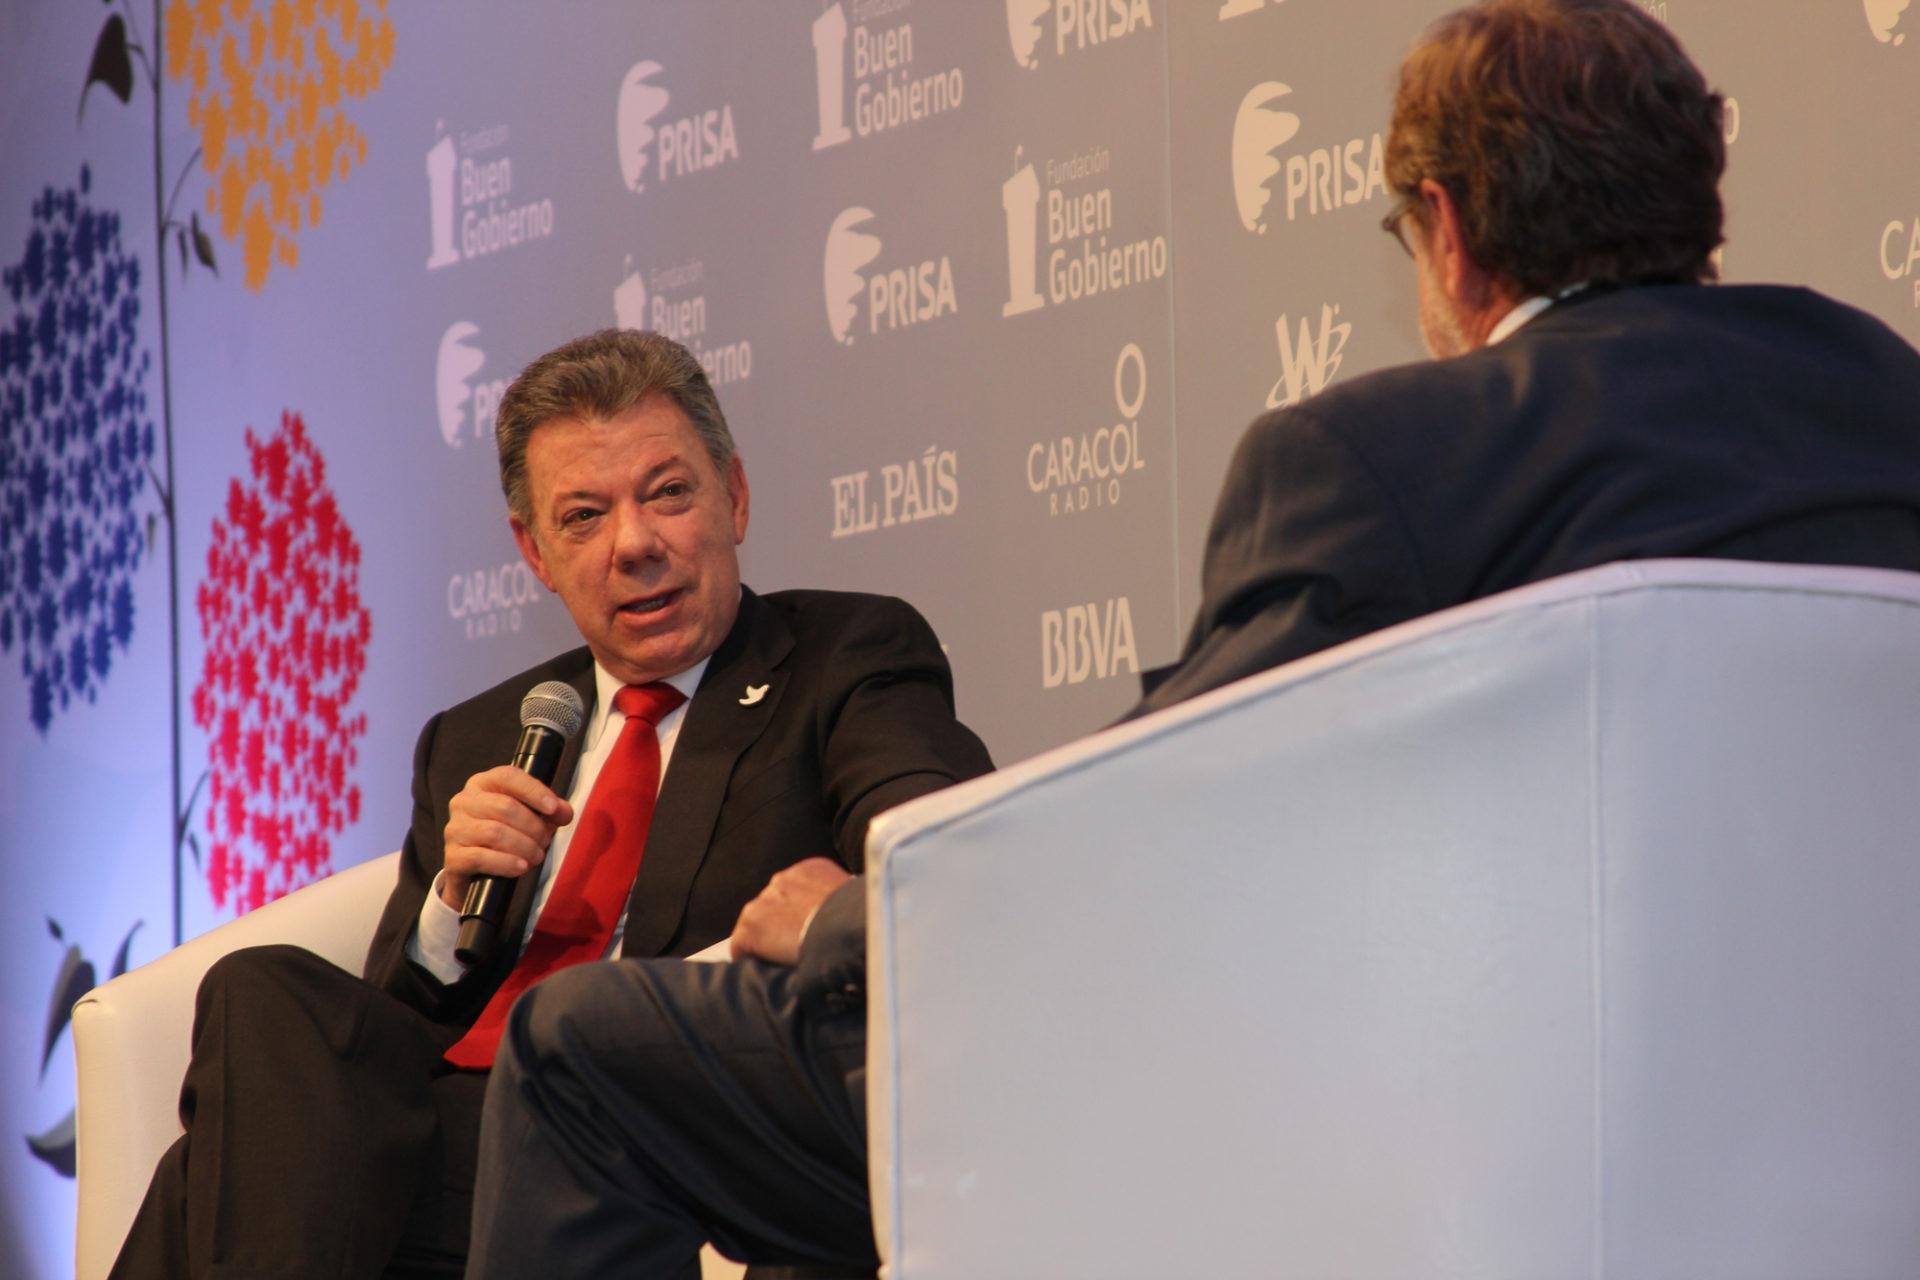 Fotografía de Juan Manuel Santos y Juan Luis Cebrián en el Foro los beneficios de la paz en Colombia